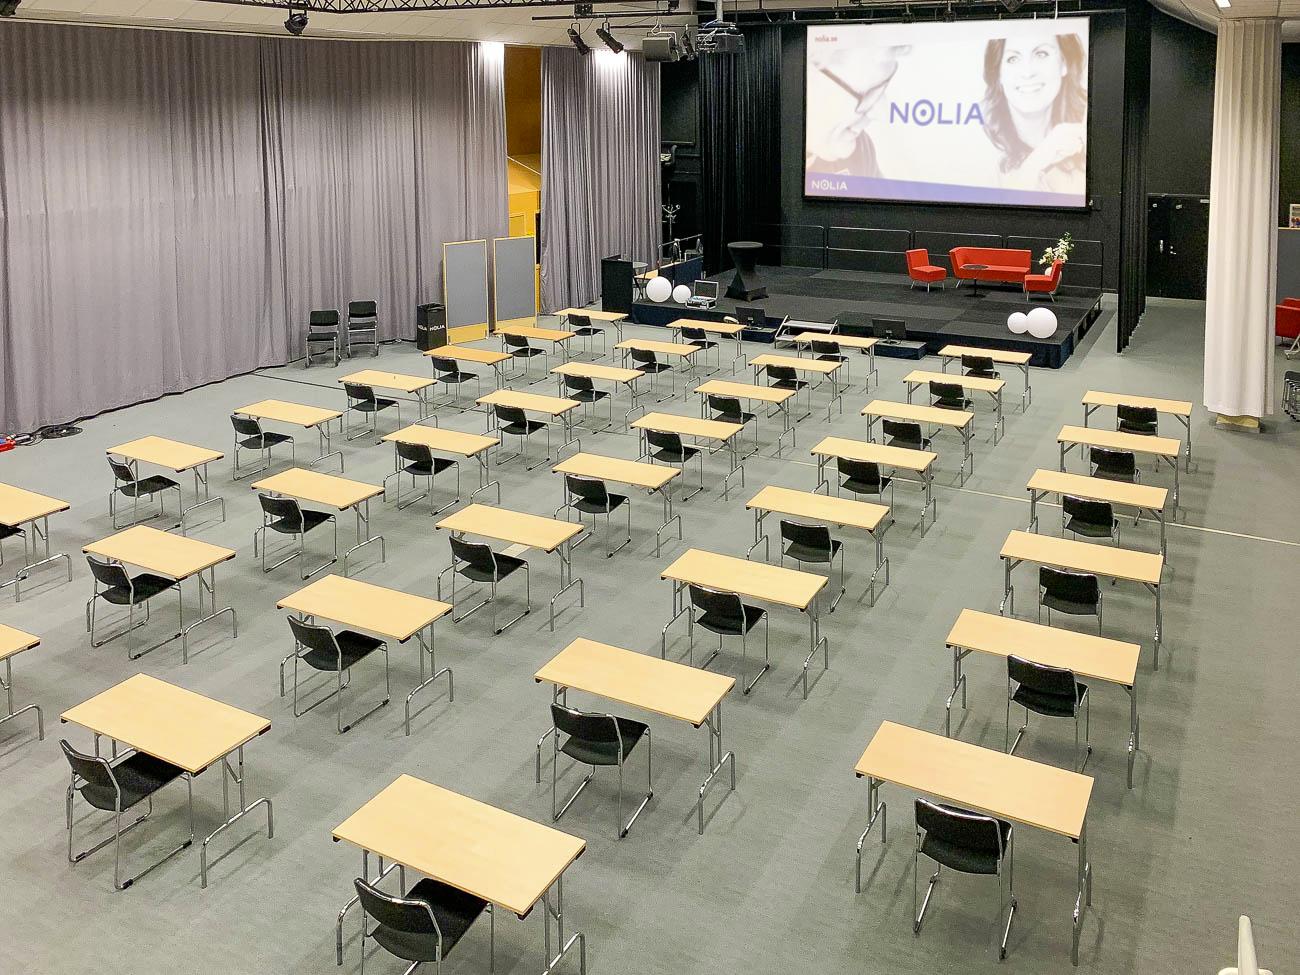 Arrangera Moten Och Konferenser Med Fler An 50 Personer Nolia